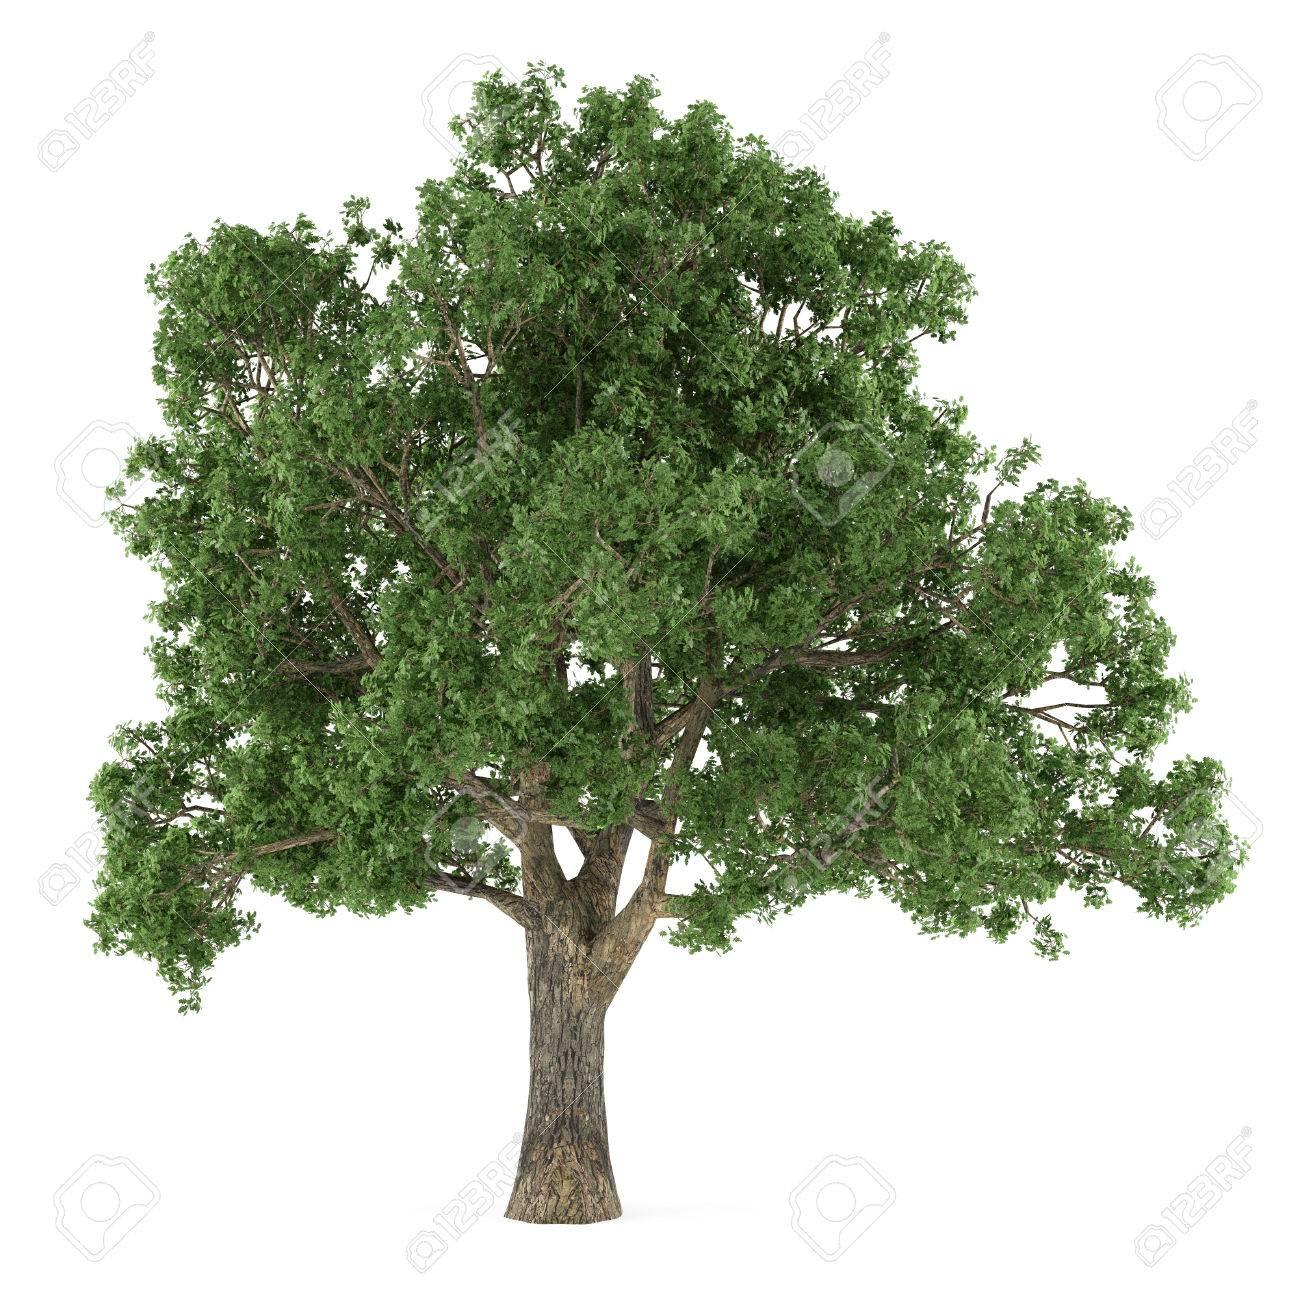 木を分離しました。コナラ の写真素材・画像素材 Image 23896908.